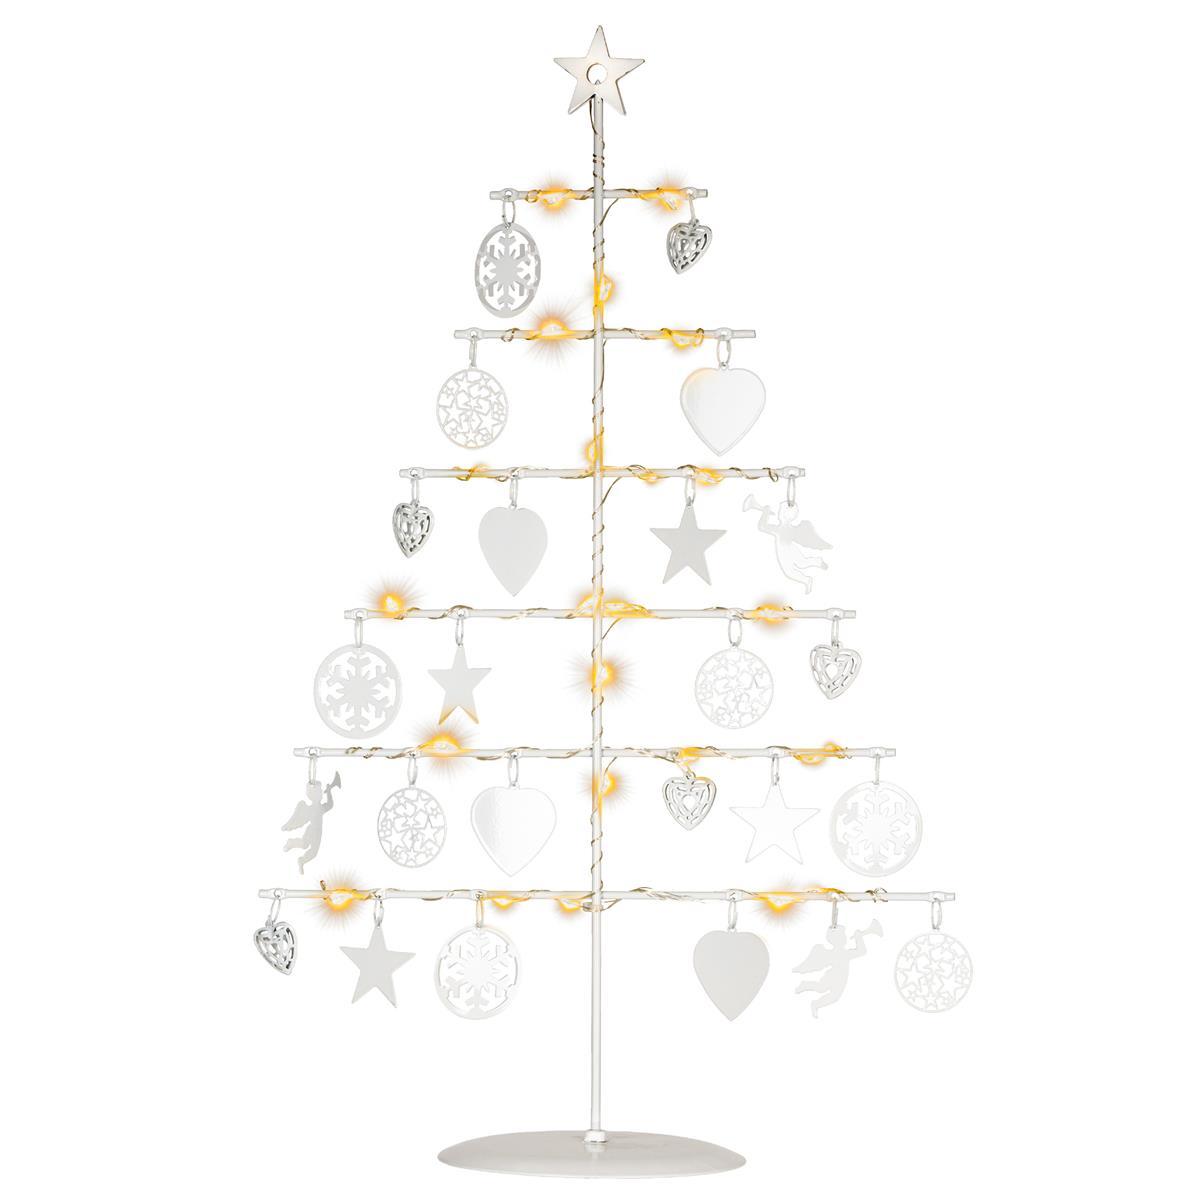 Dekobaum Metall weiß 25 LED warm weiß 42 cm Batterie Timer Lichterbaum